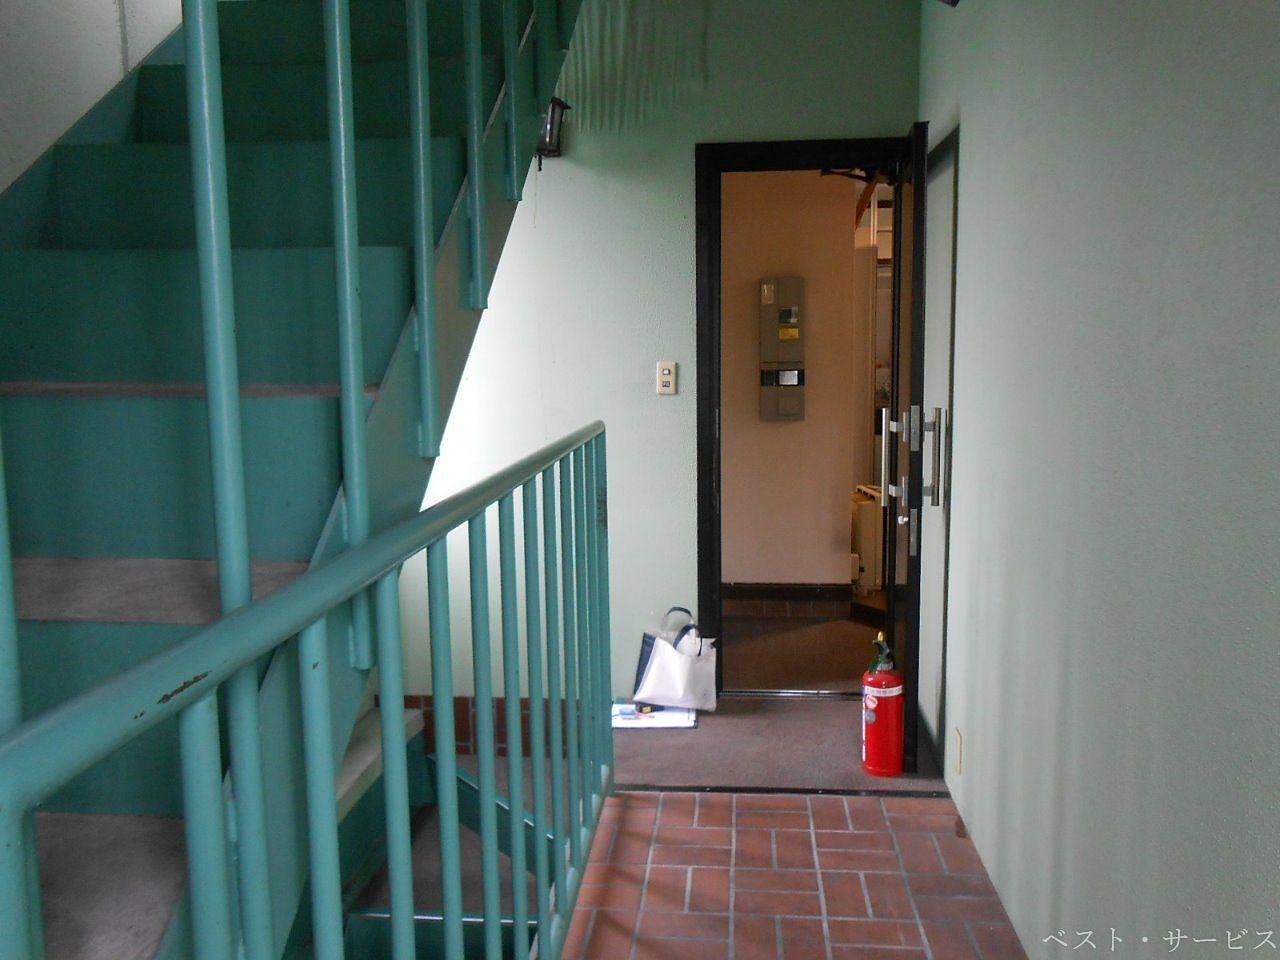 2階廊下と屋上への階段